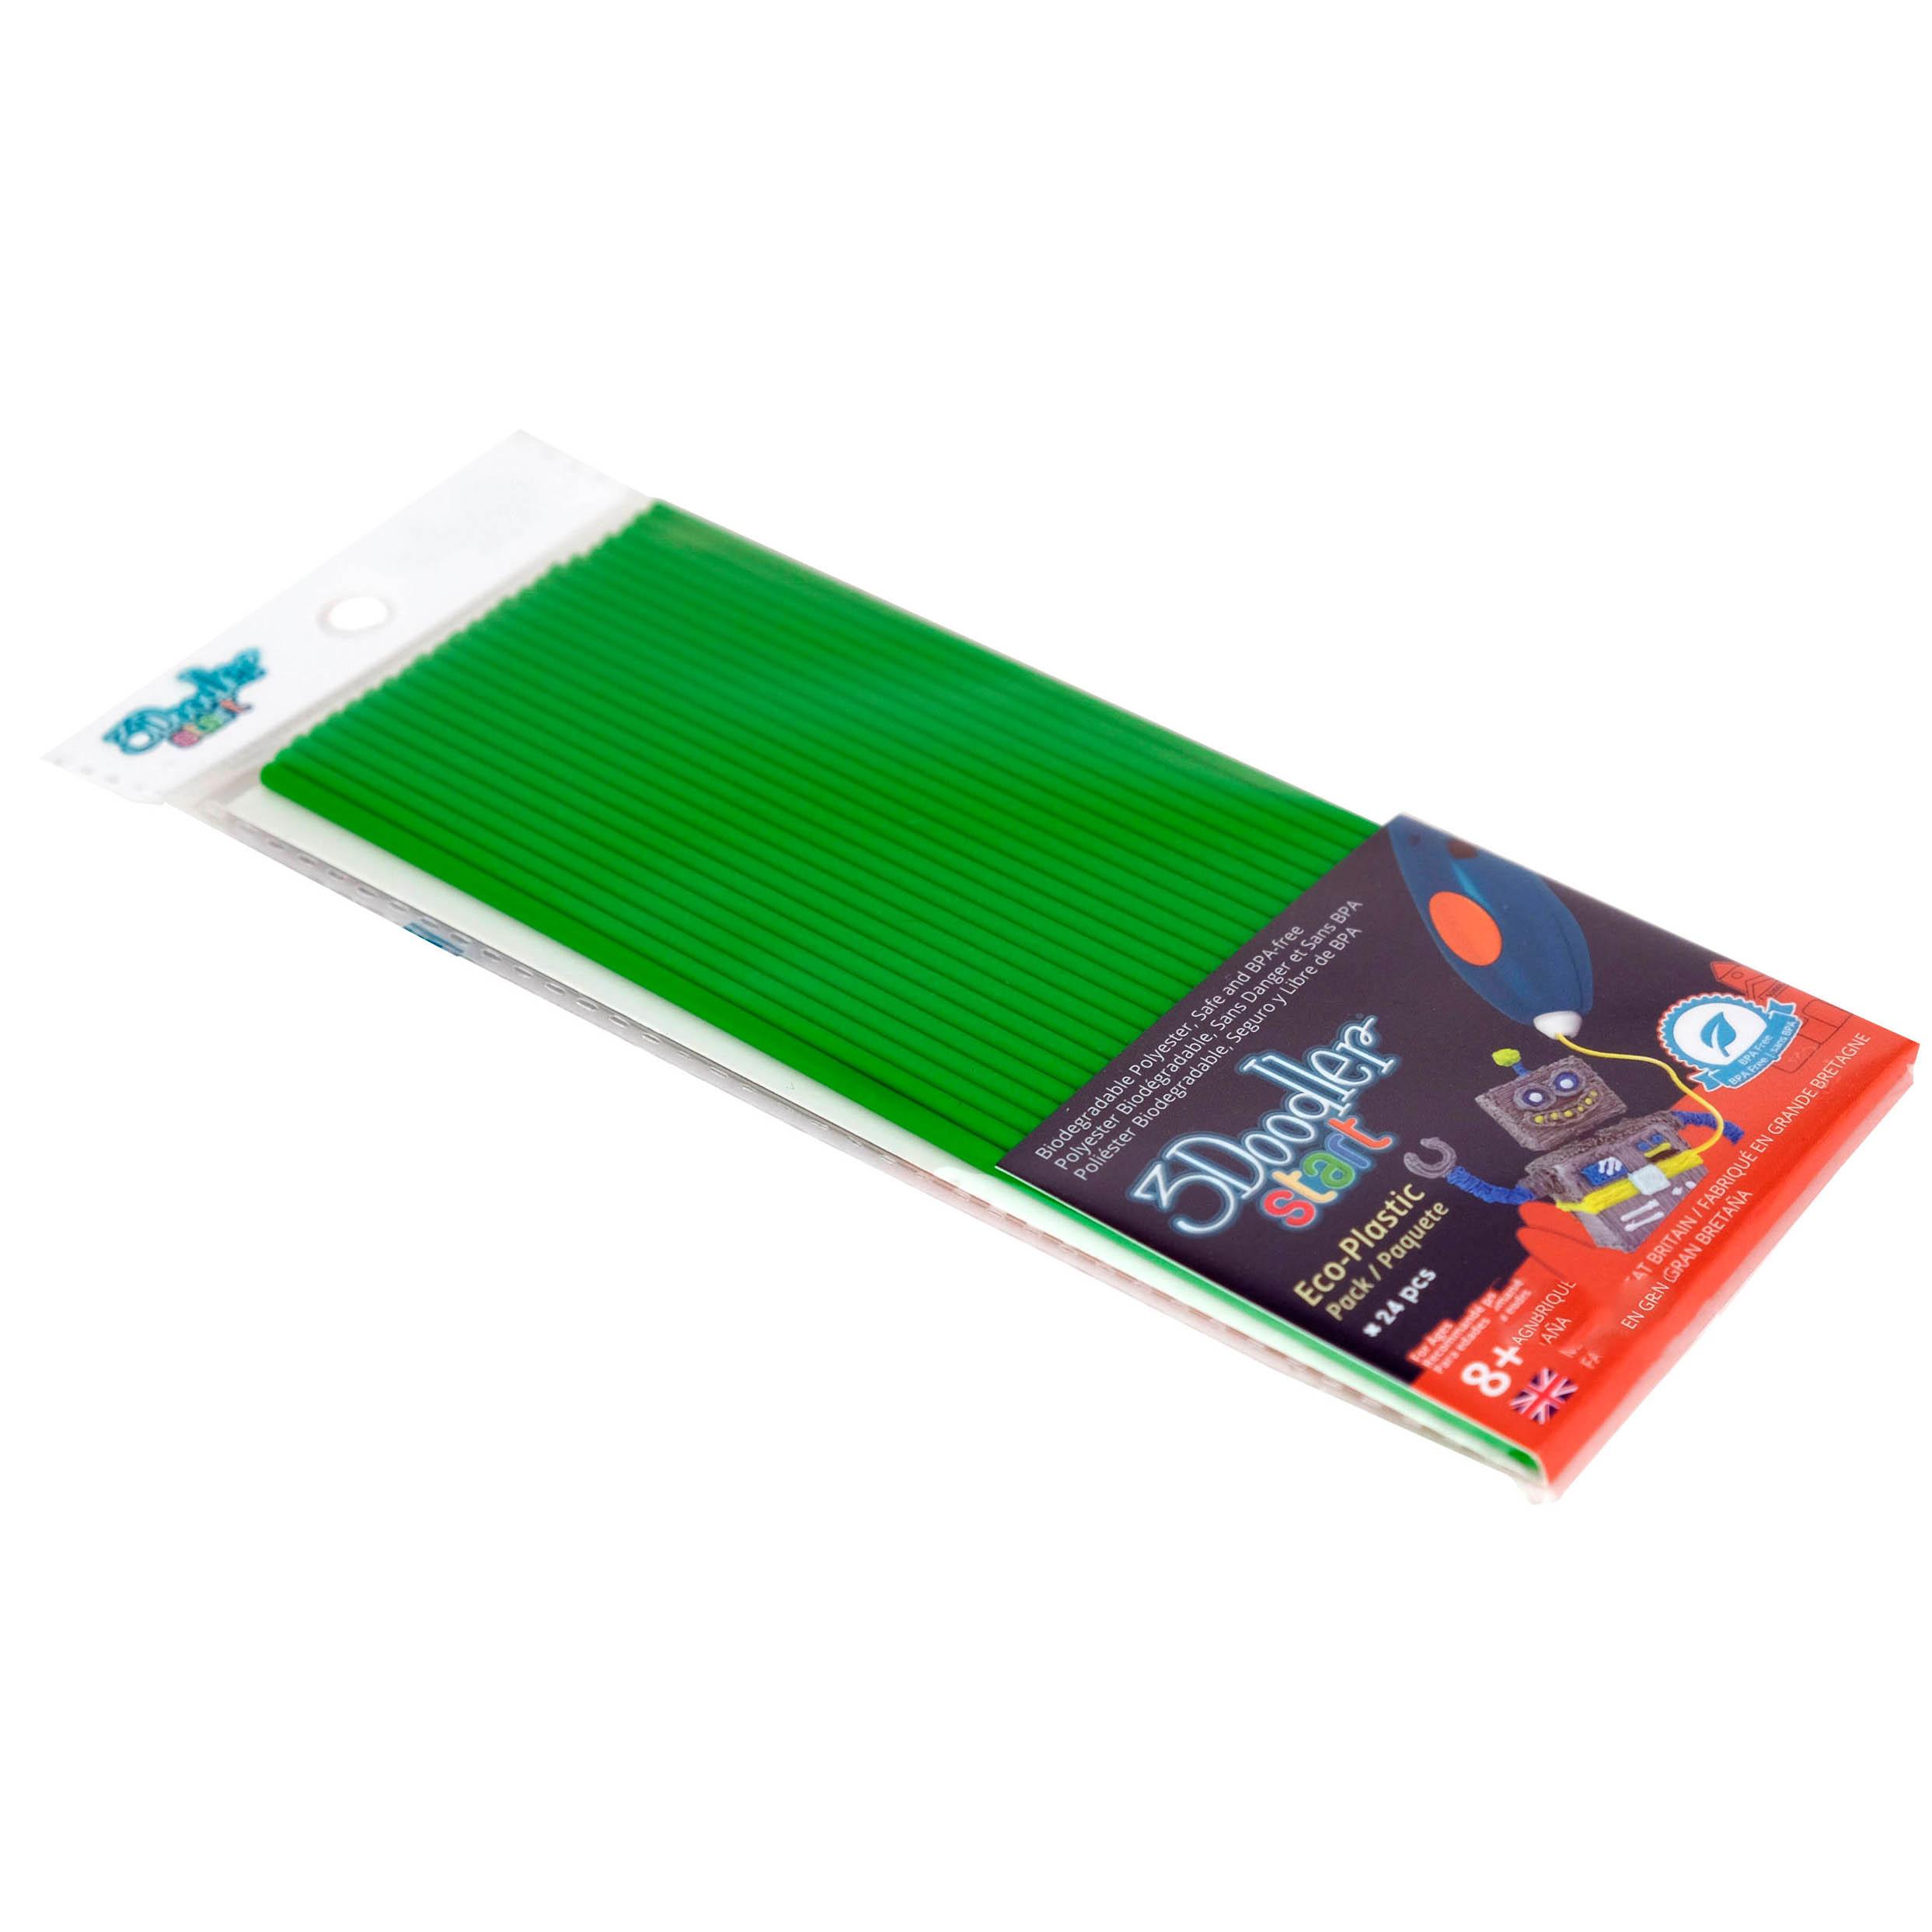 Эко-пластик к 3Д ручке 3doodler Start, цвет зеленый, 24 шт.3D ручки<br>Эко-пластик к 3Д ручке 3doodler Start, цвет зеленый, 24 шт.<br>